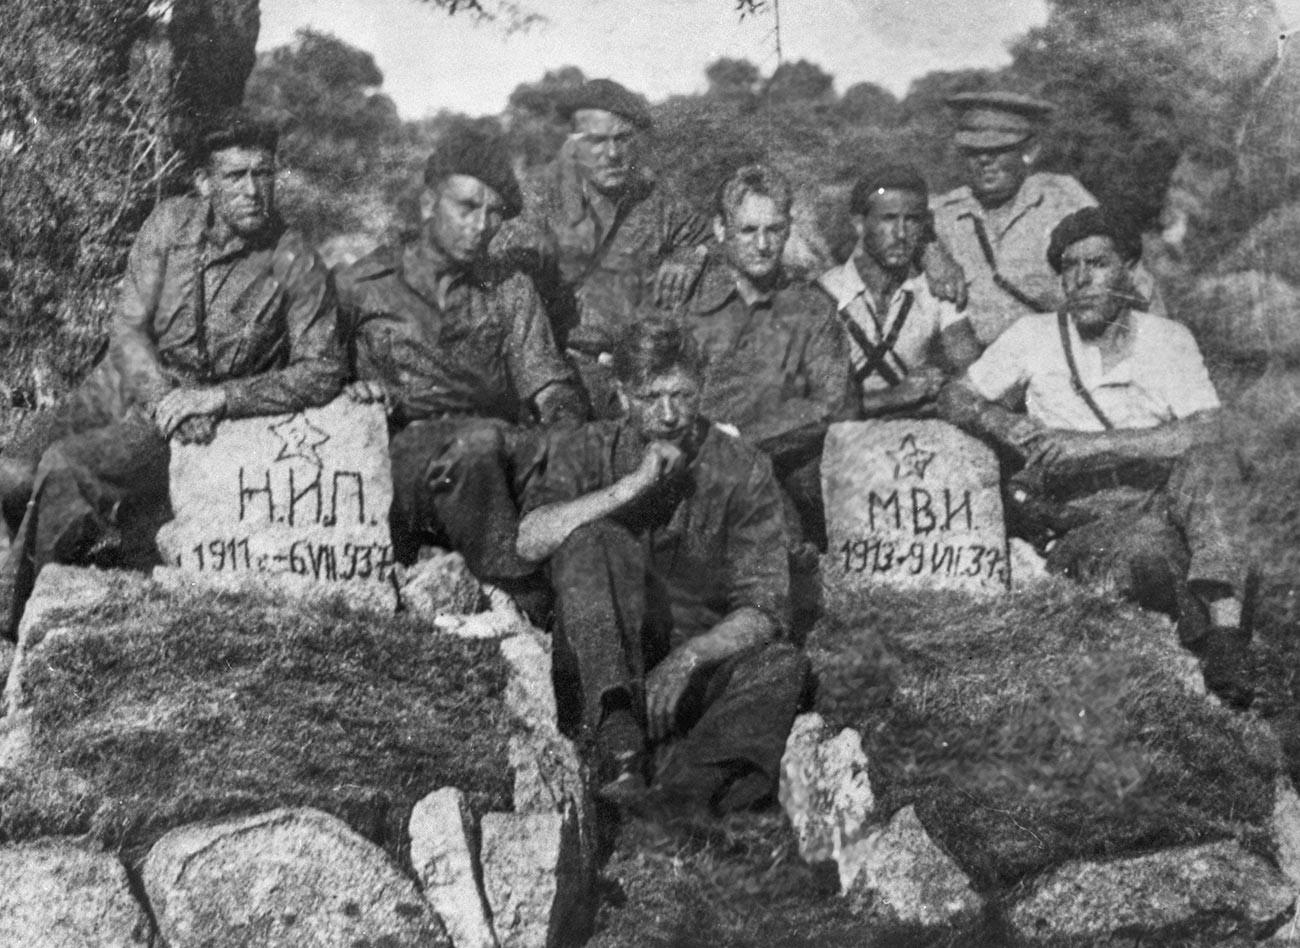 Советские танкисты у могил своих товарищей, погибших во время гражданской войны в Испании.